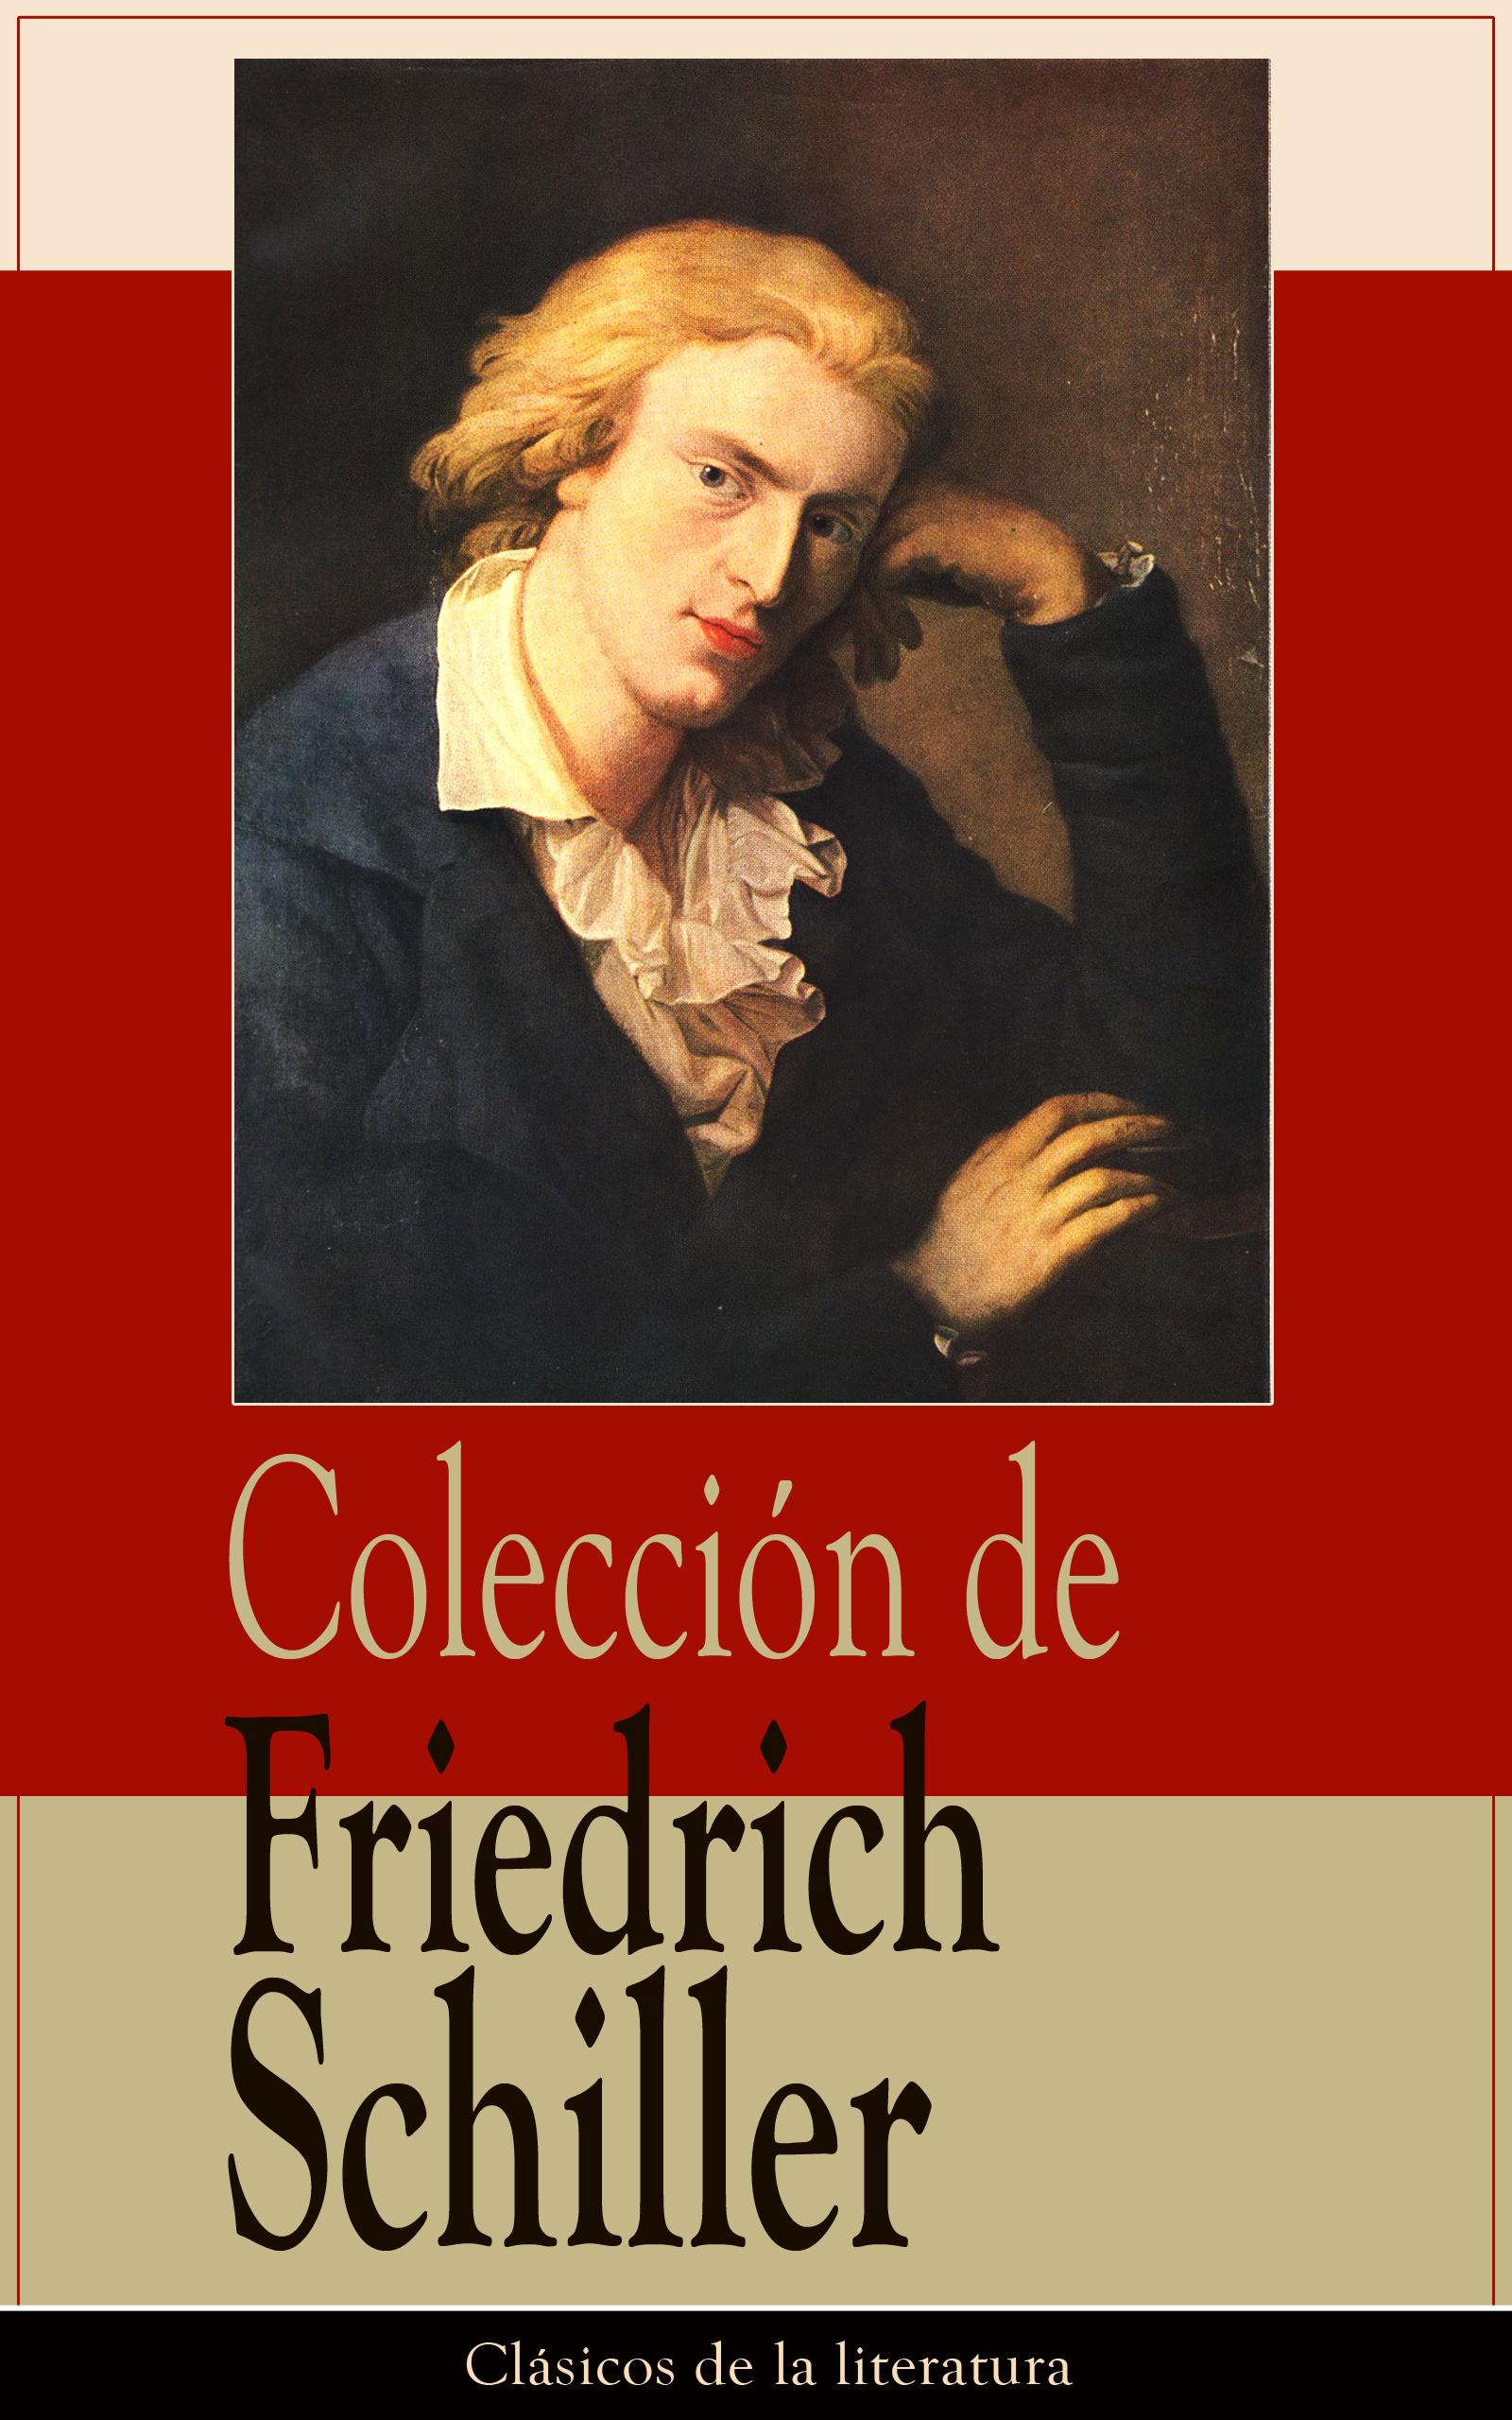 цена Friedrich Schiller Colección de Friedrich Schiller онлайн в 2017 году